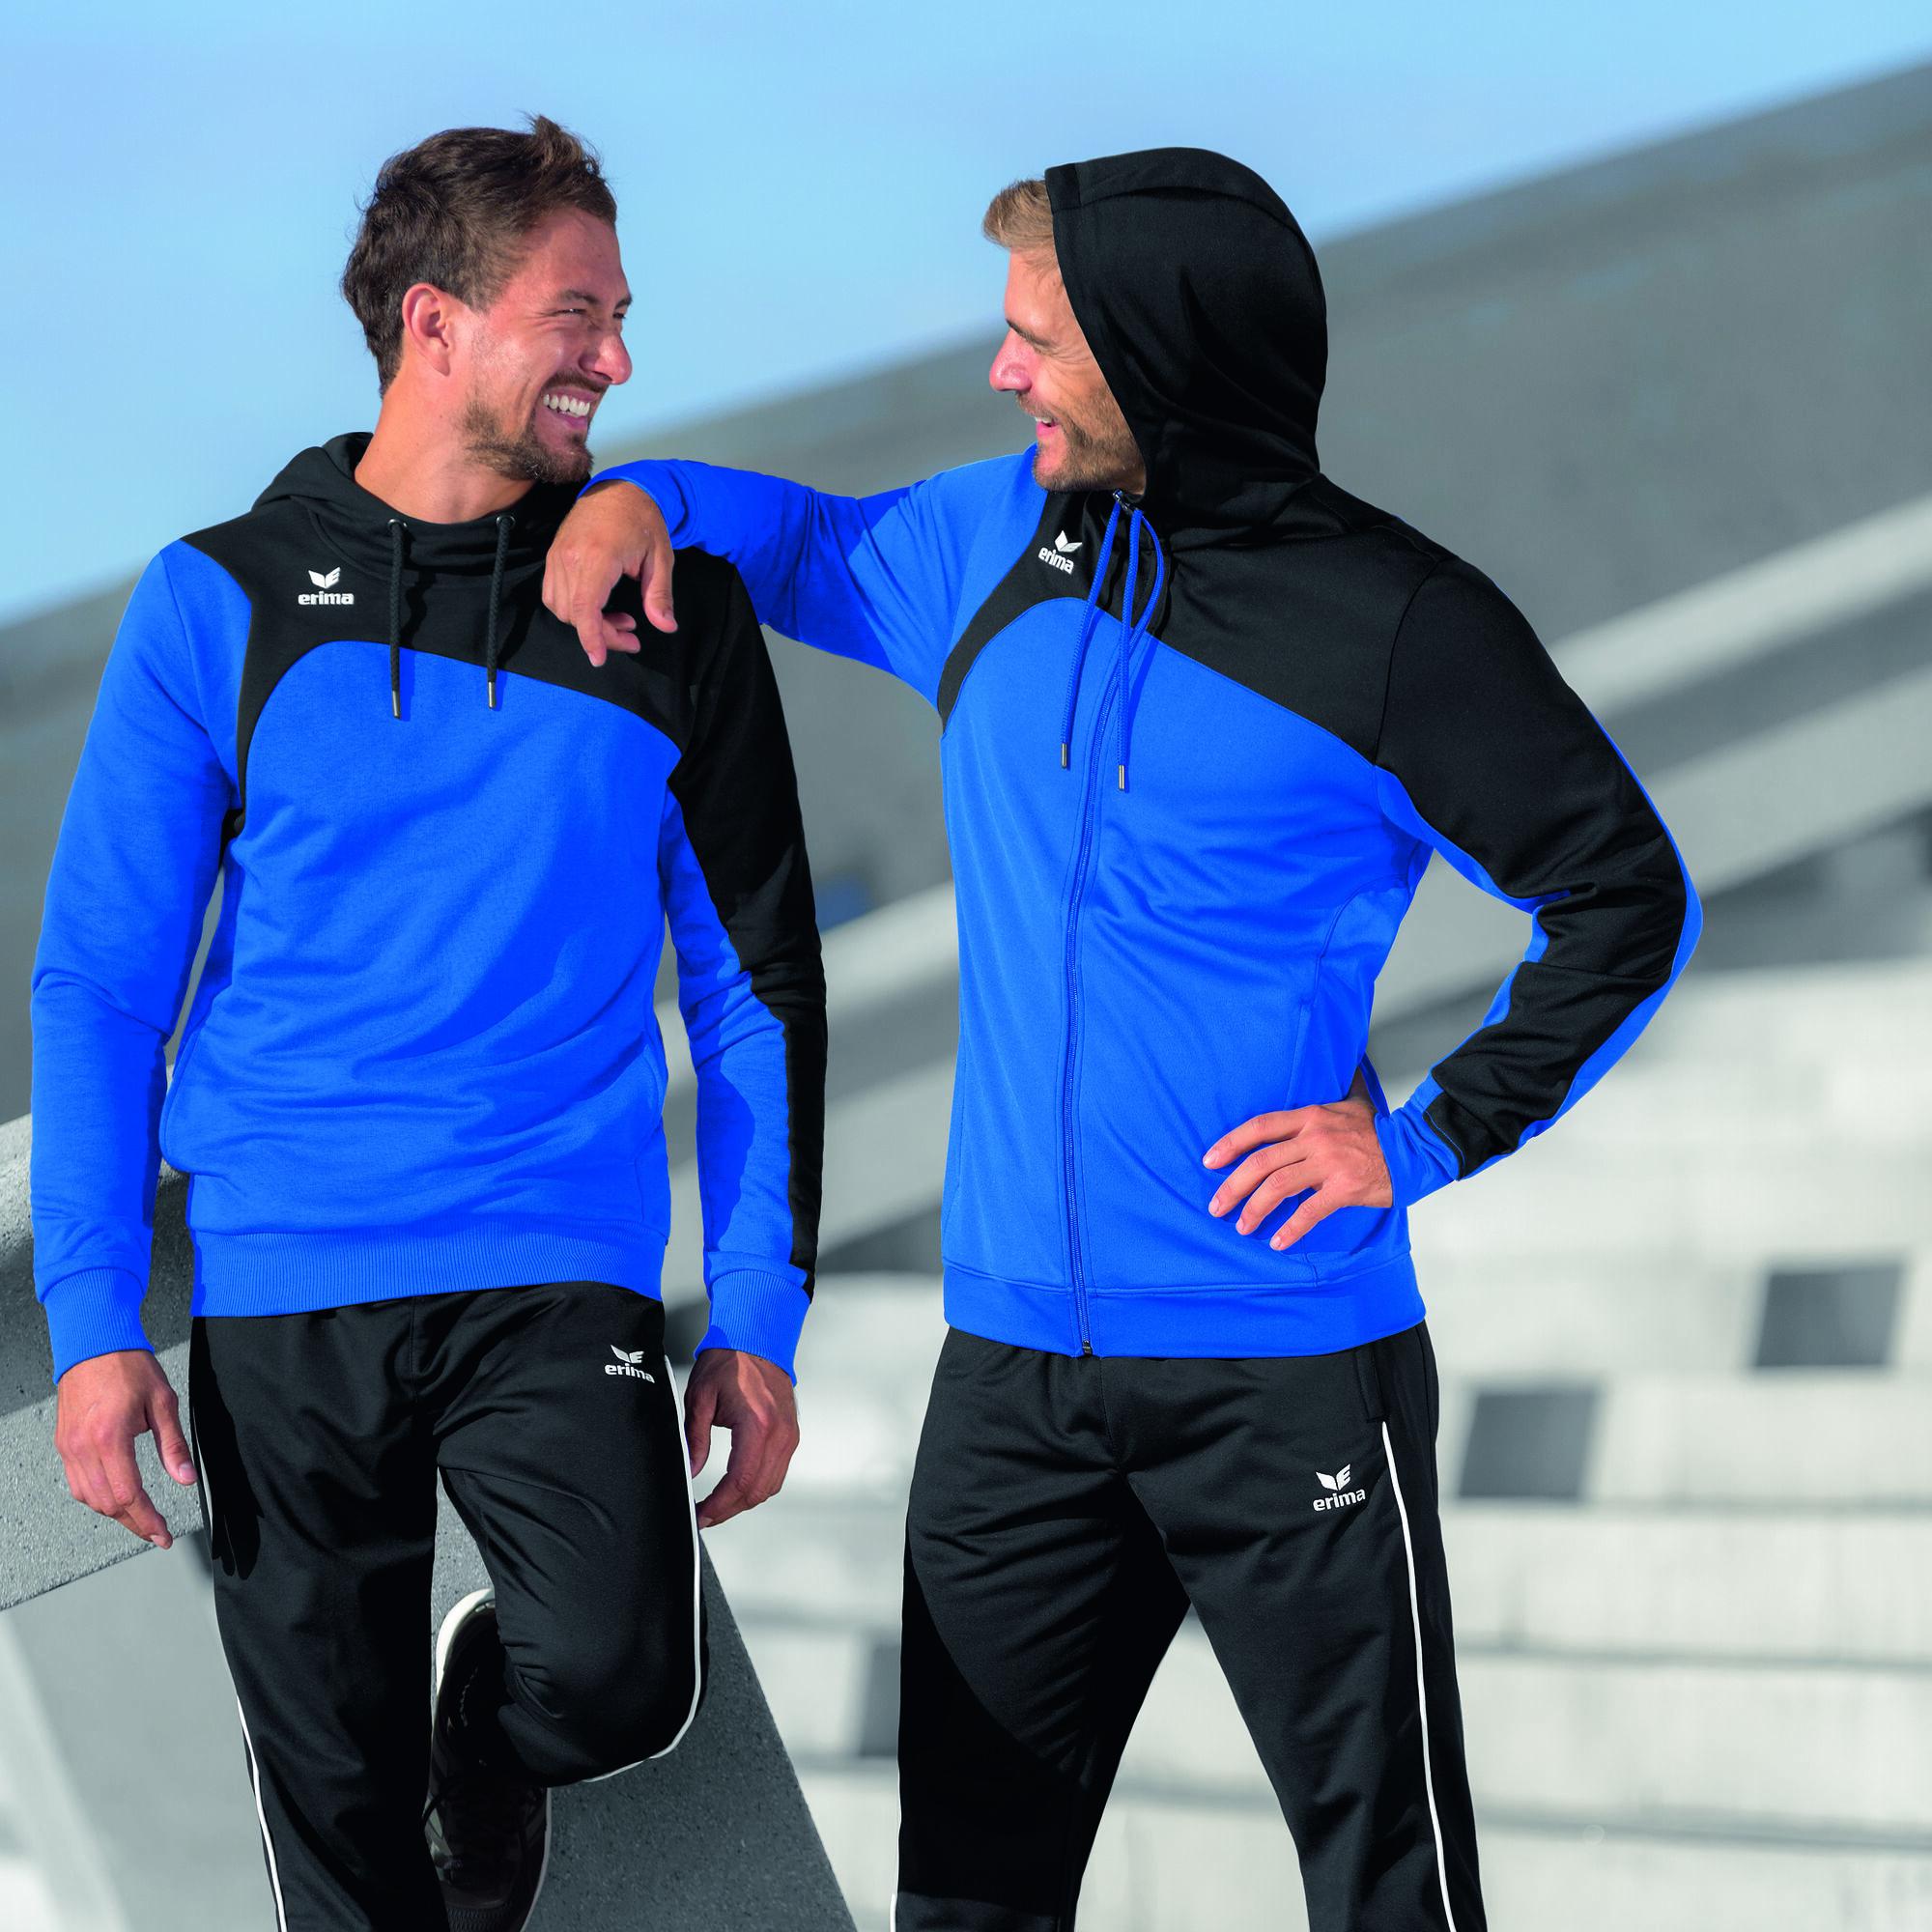 Erima Club 1900 Trainingsjacke Herren - Blau, Schwarz online kaufen ... a76776c631